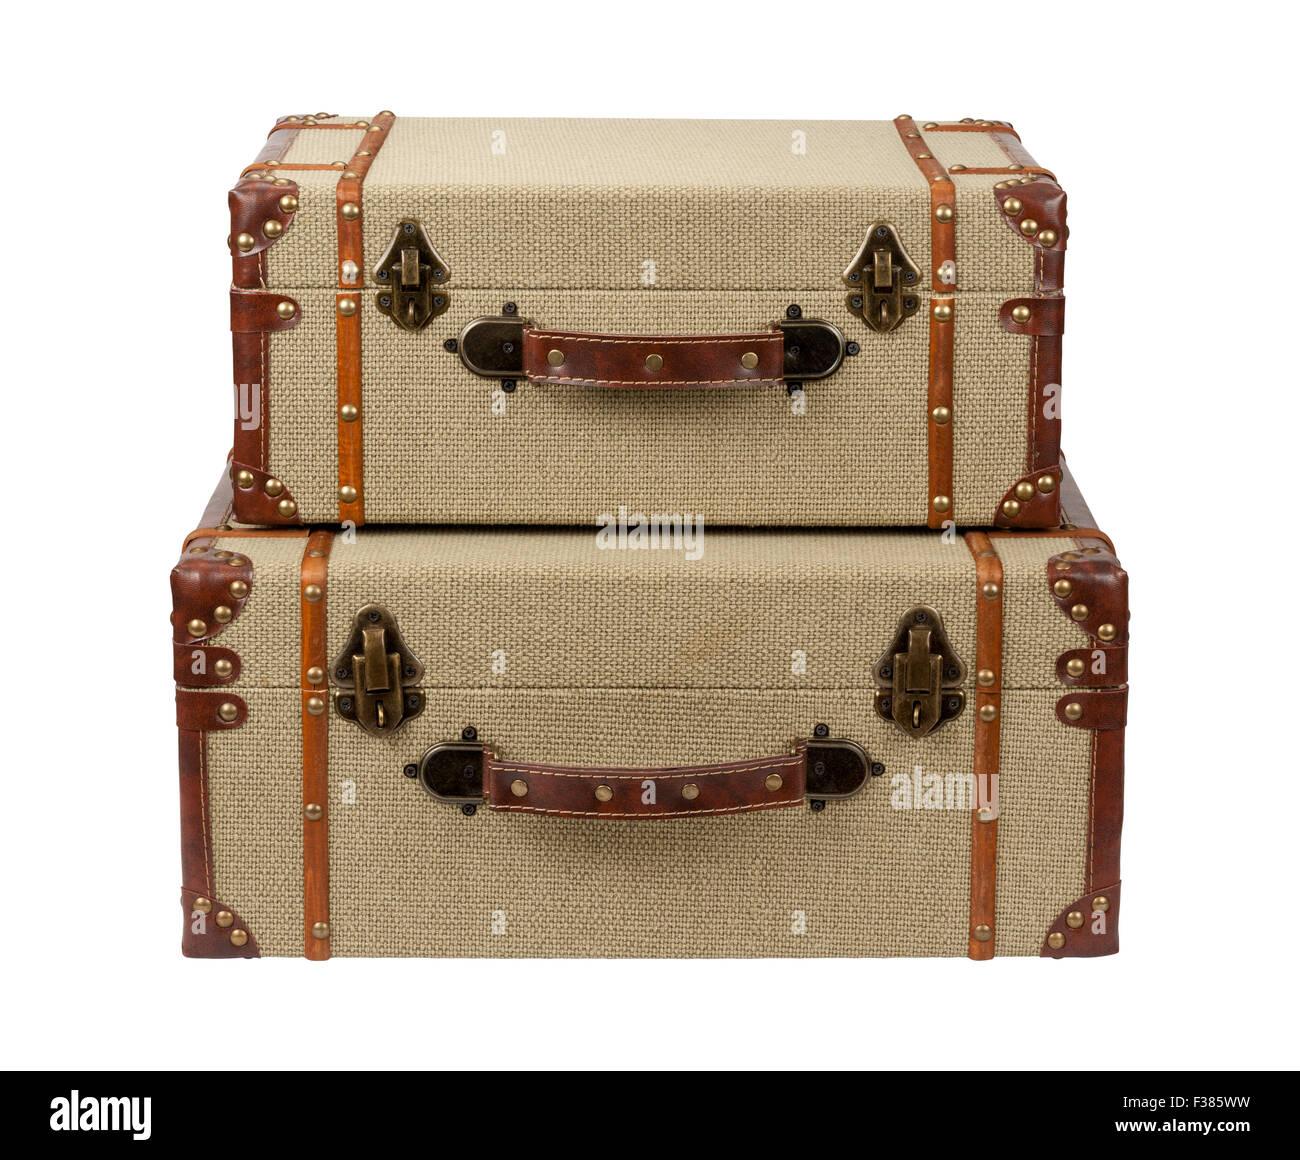 Gestapelte Deco Holz Sackleinen Koffer Stockbild